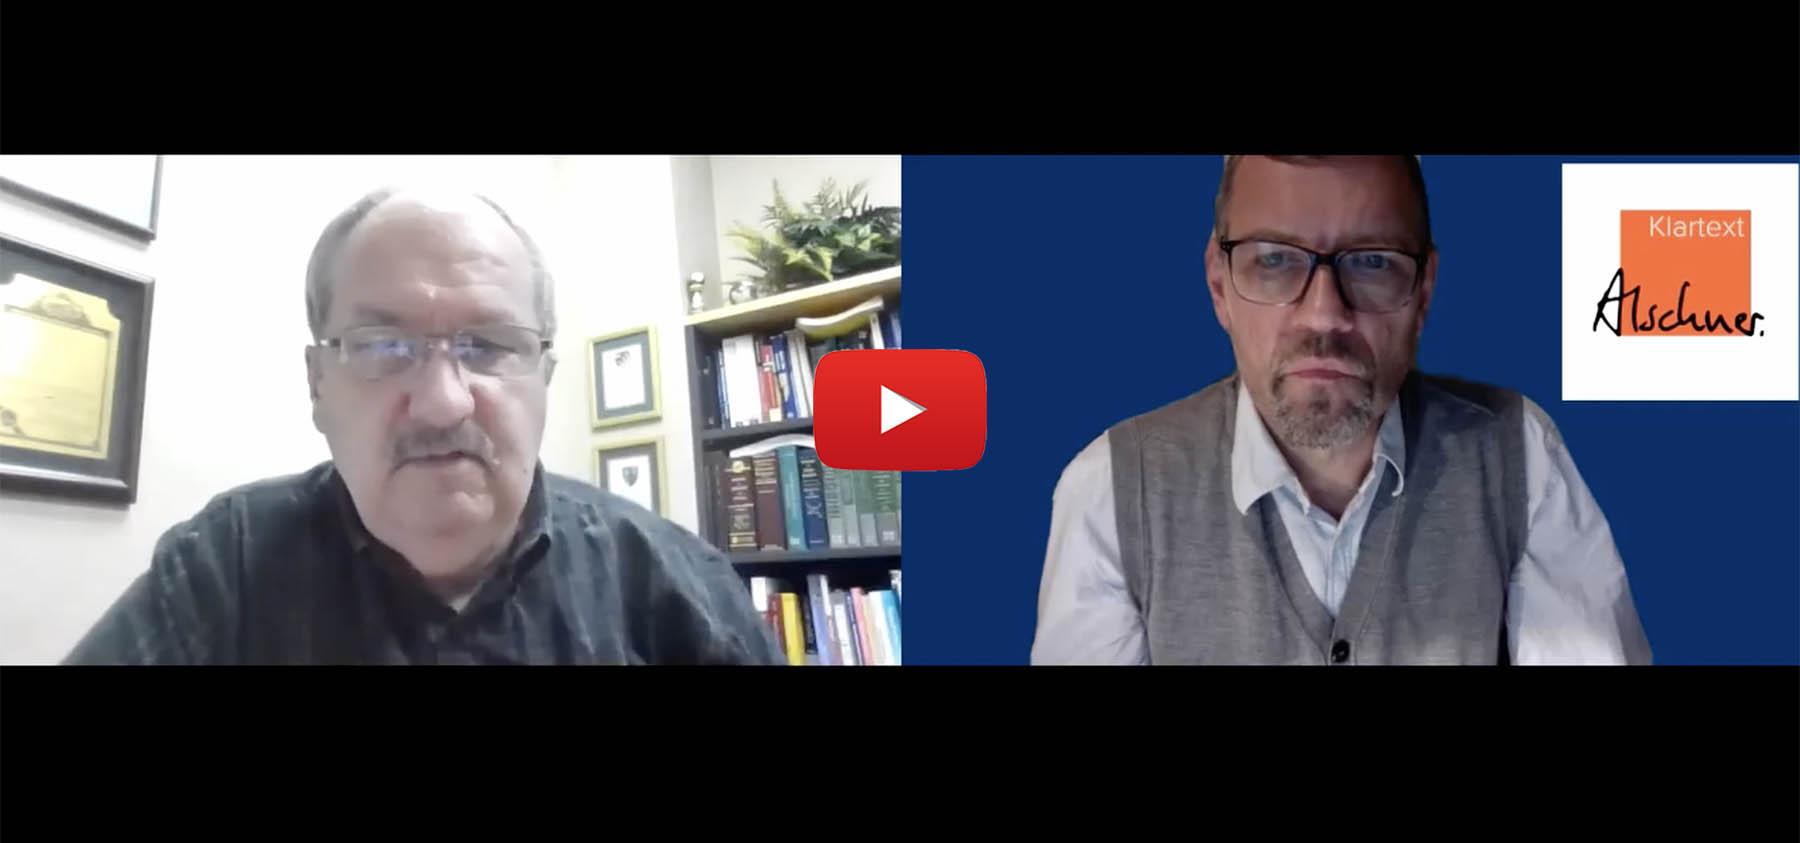 Brian Hooker Interviewed by Uwe Alschner